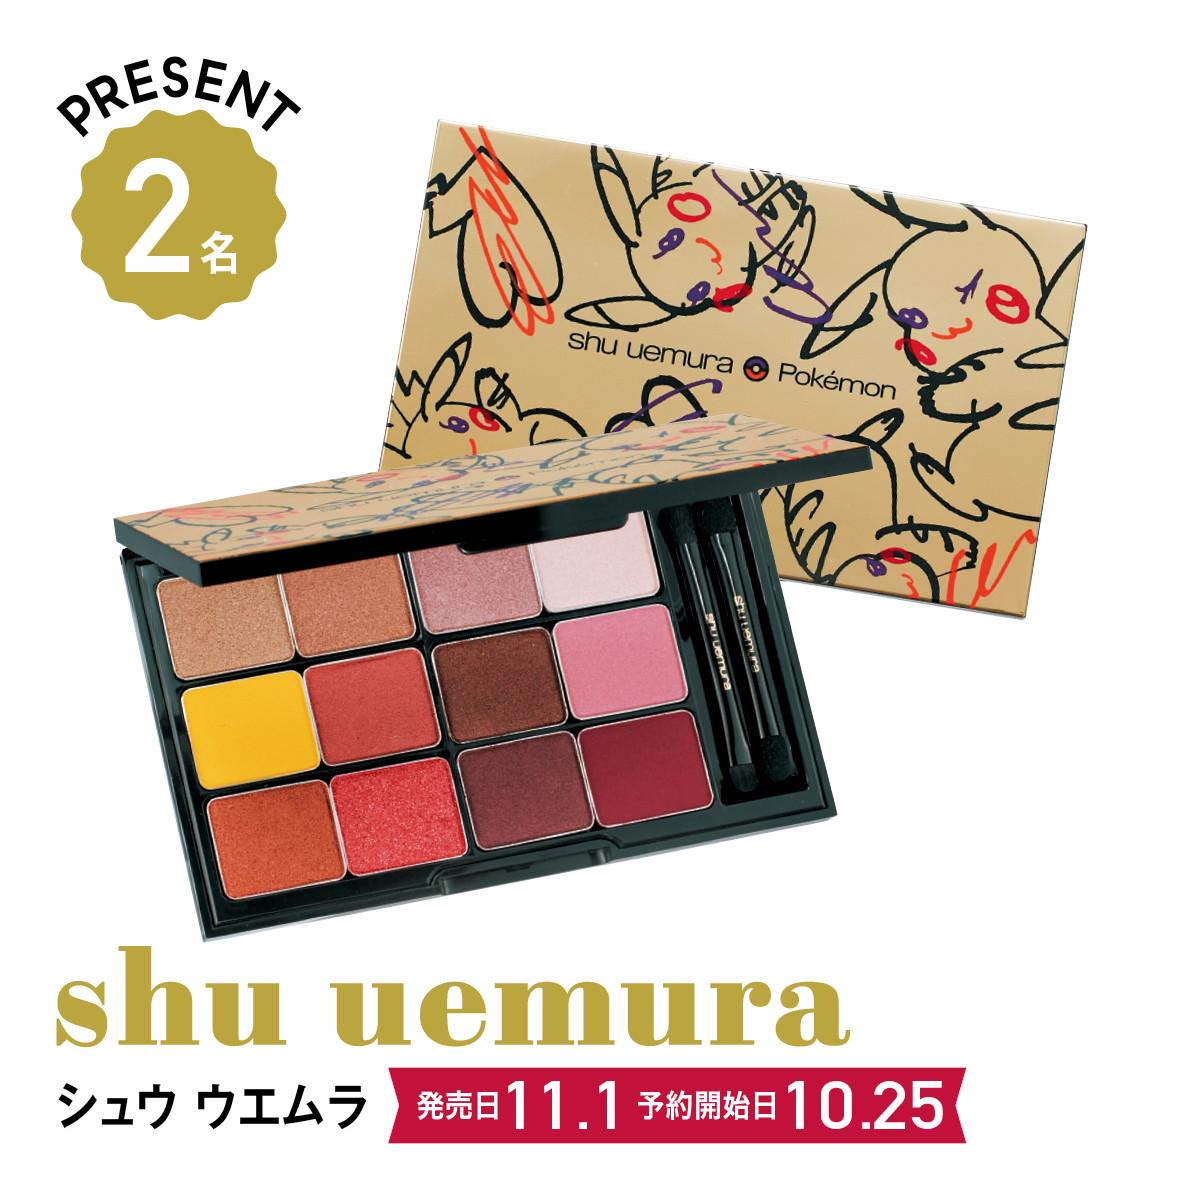 2019クリスマスコフレ&限定品:shu uemura/シュウ ウエムラ